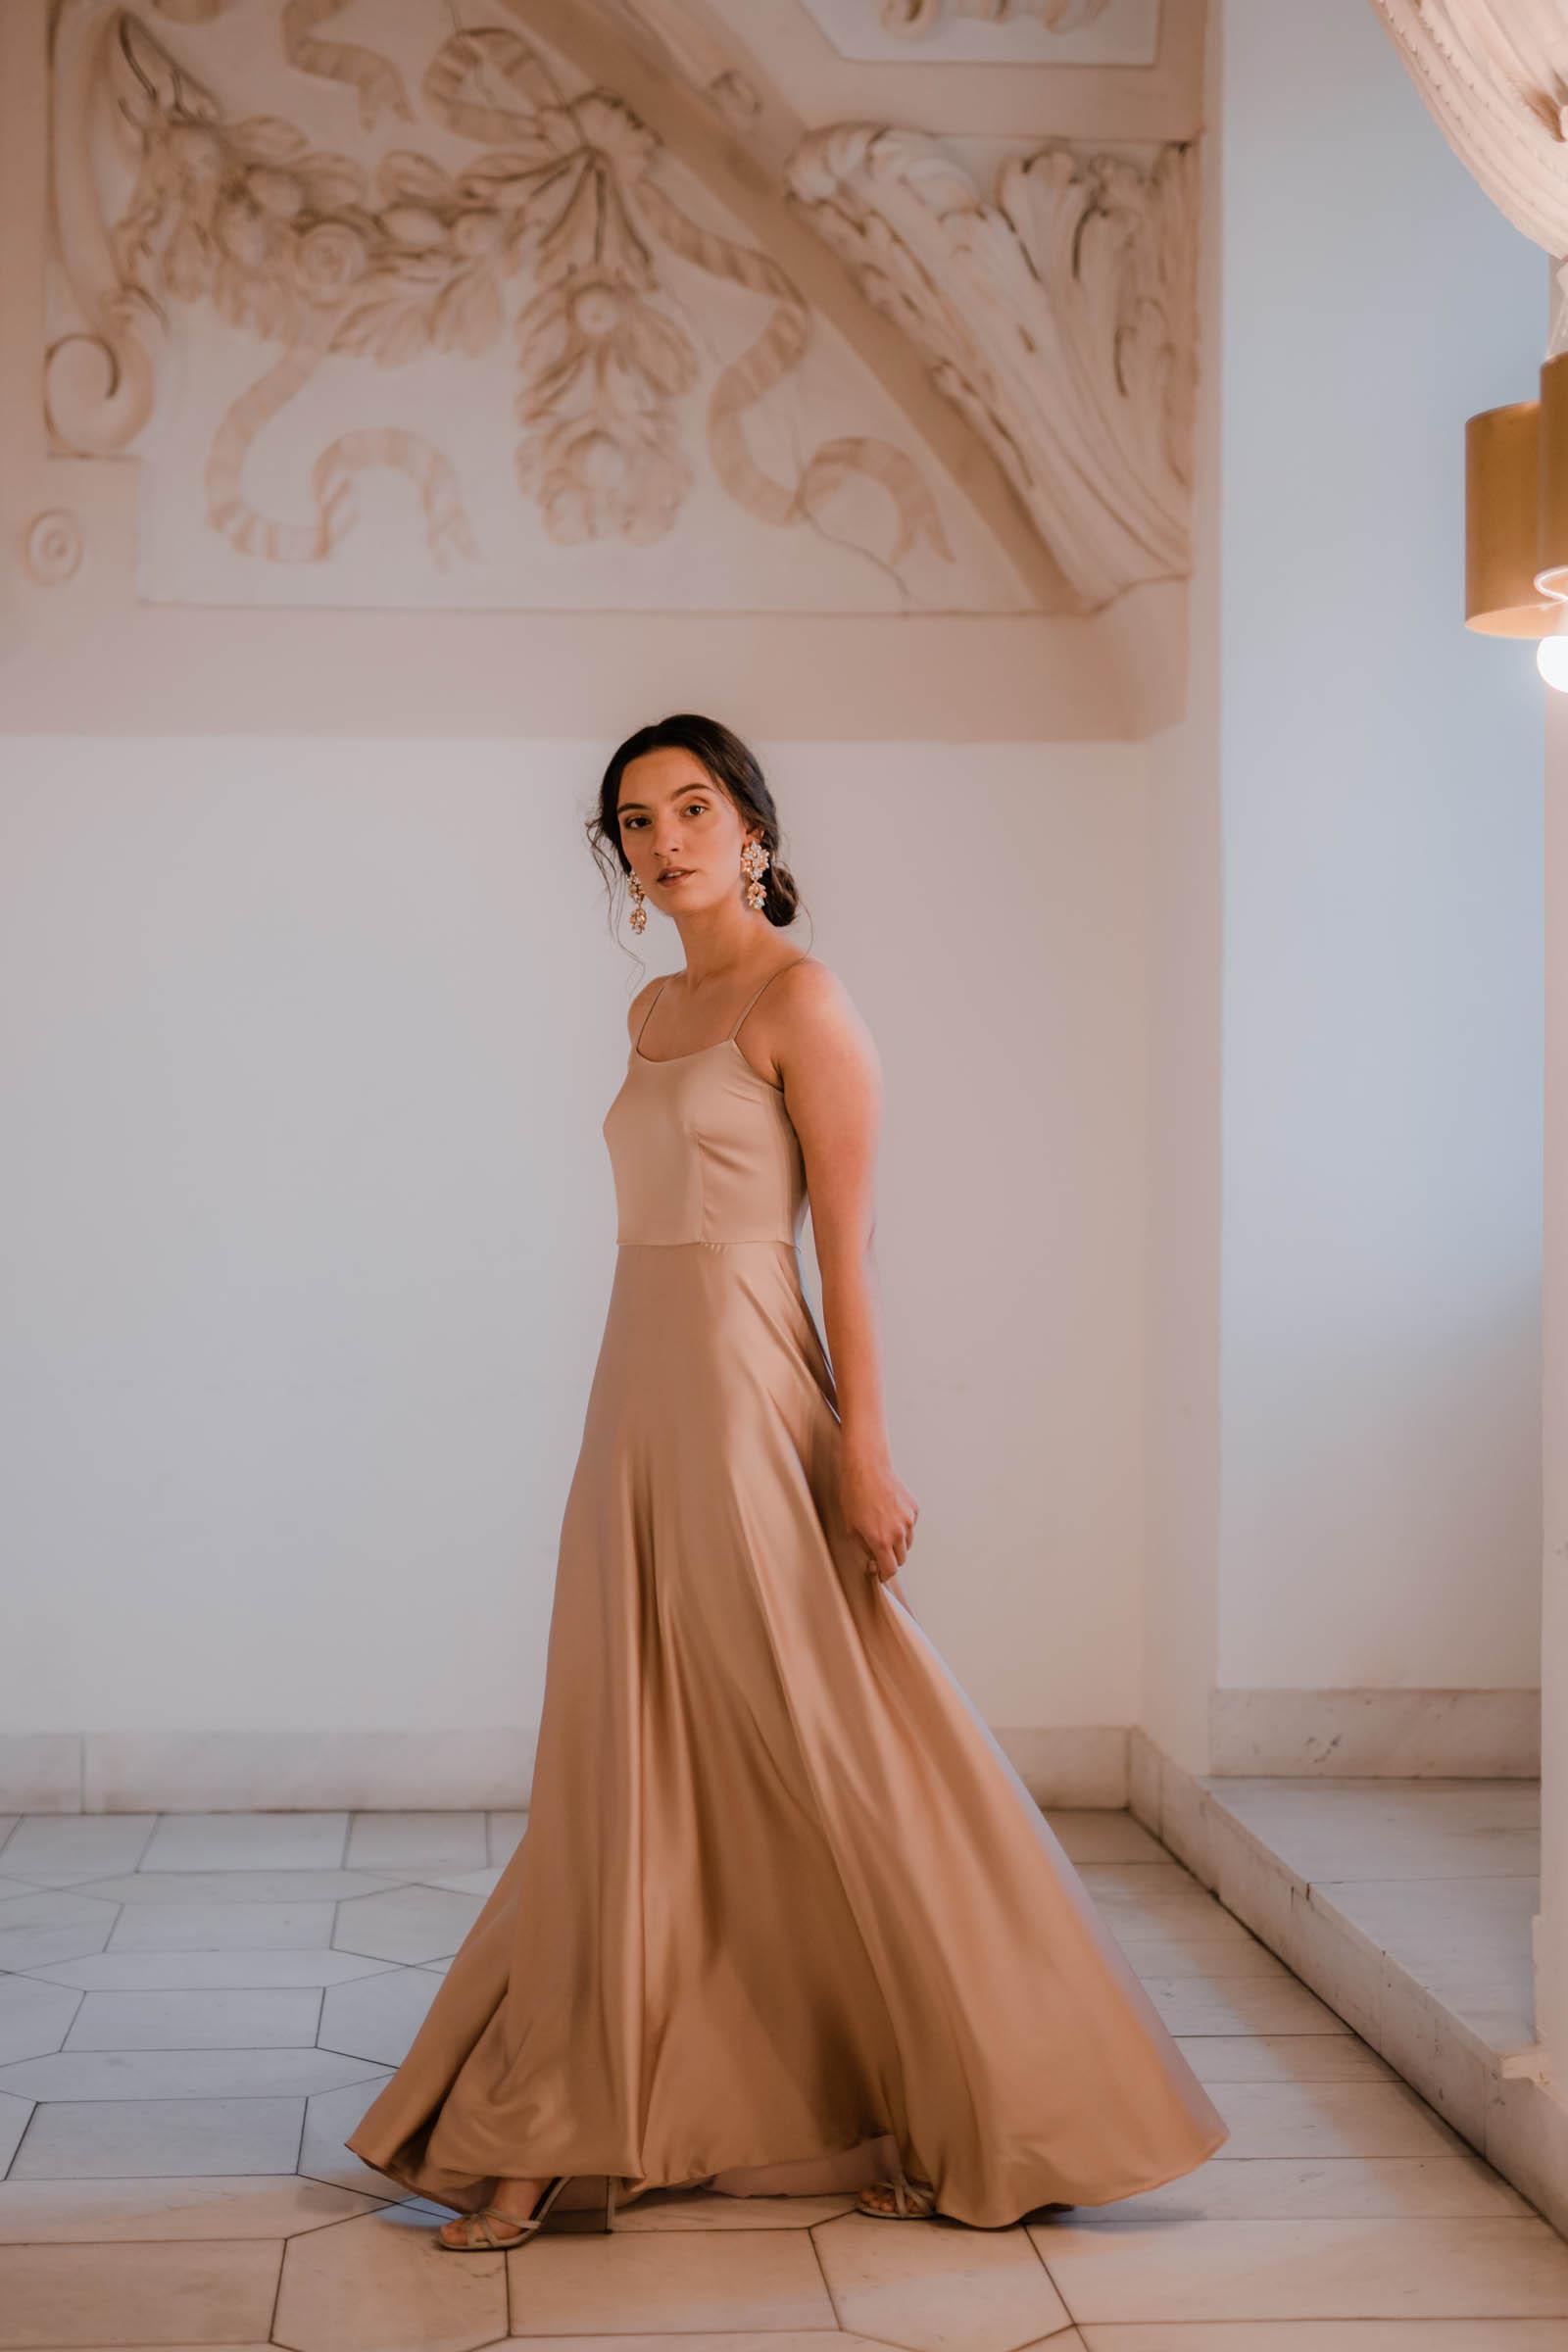 boho-svadobne-saty-veronika-kostkova-wedding-atelier-2019-pura-2